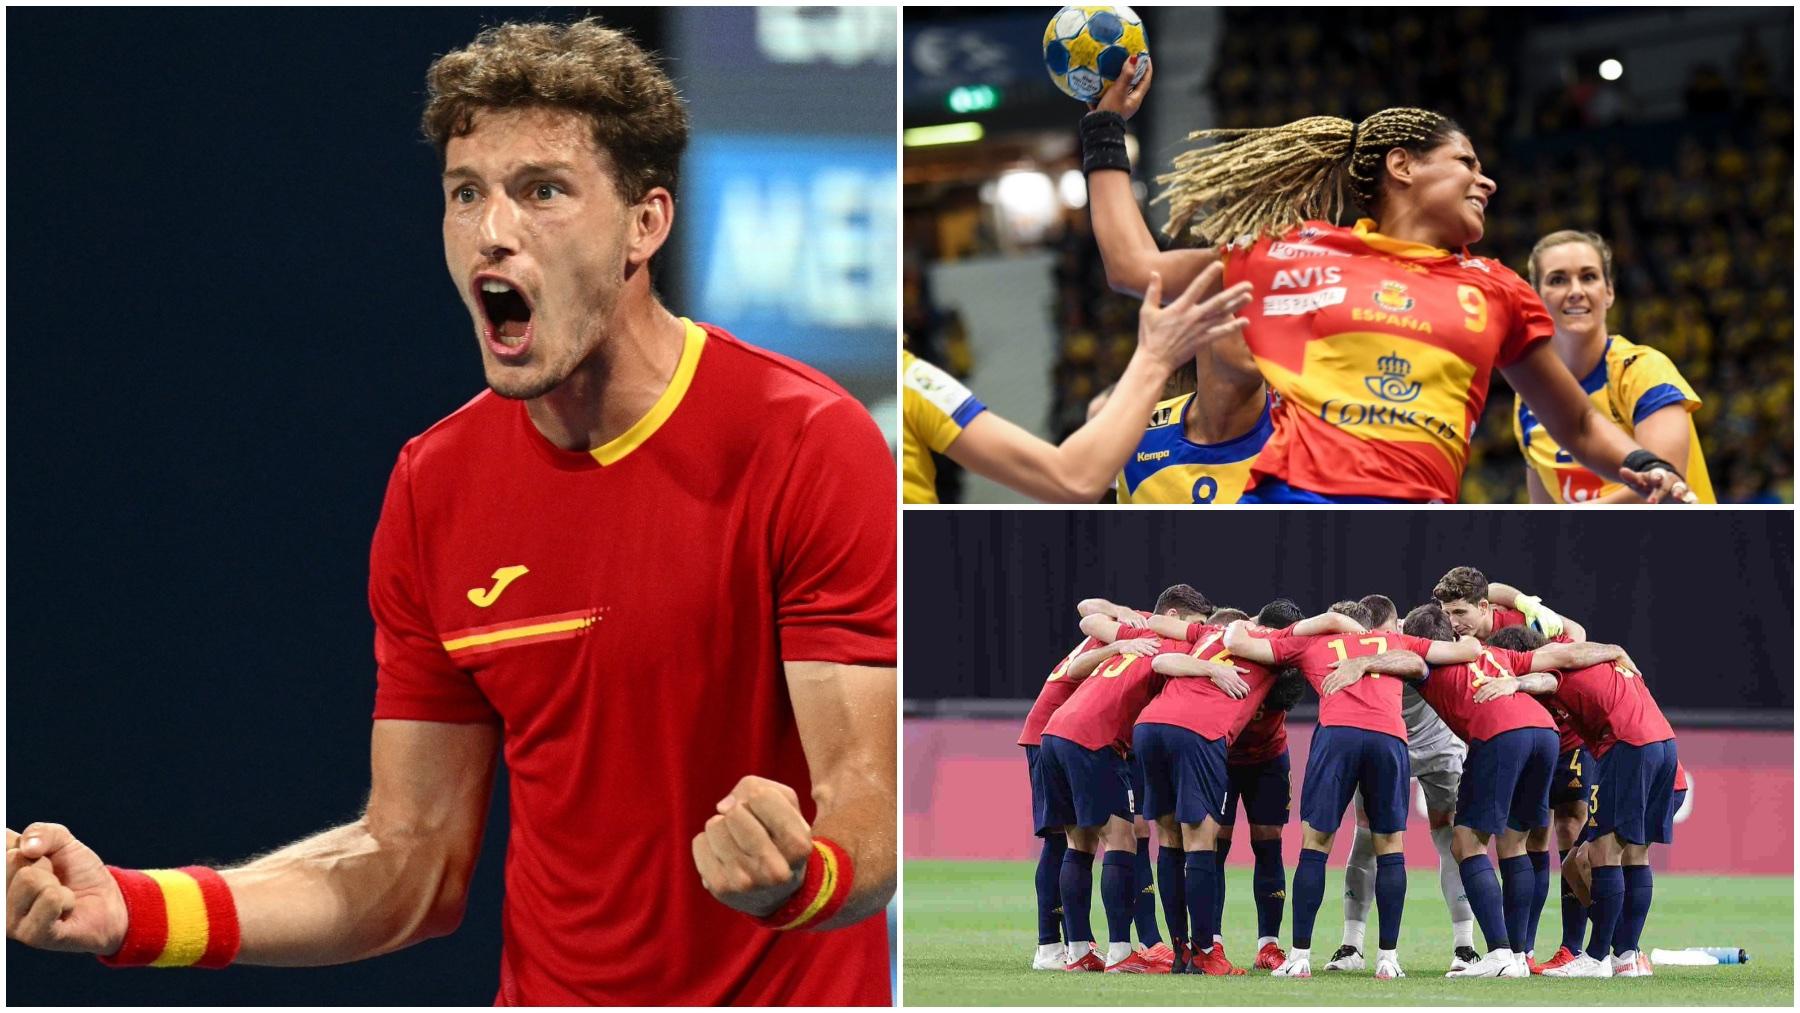 Agenda de los Juegos Olímpicos de Tokio para los españoles de hoy sábado 31 de julio.